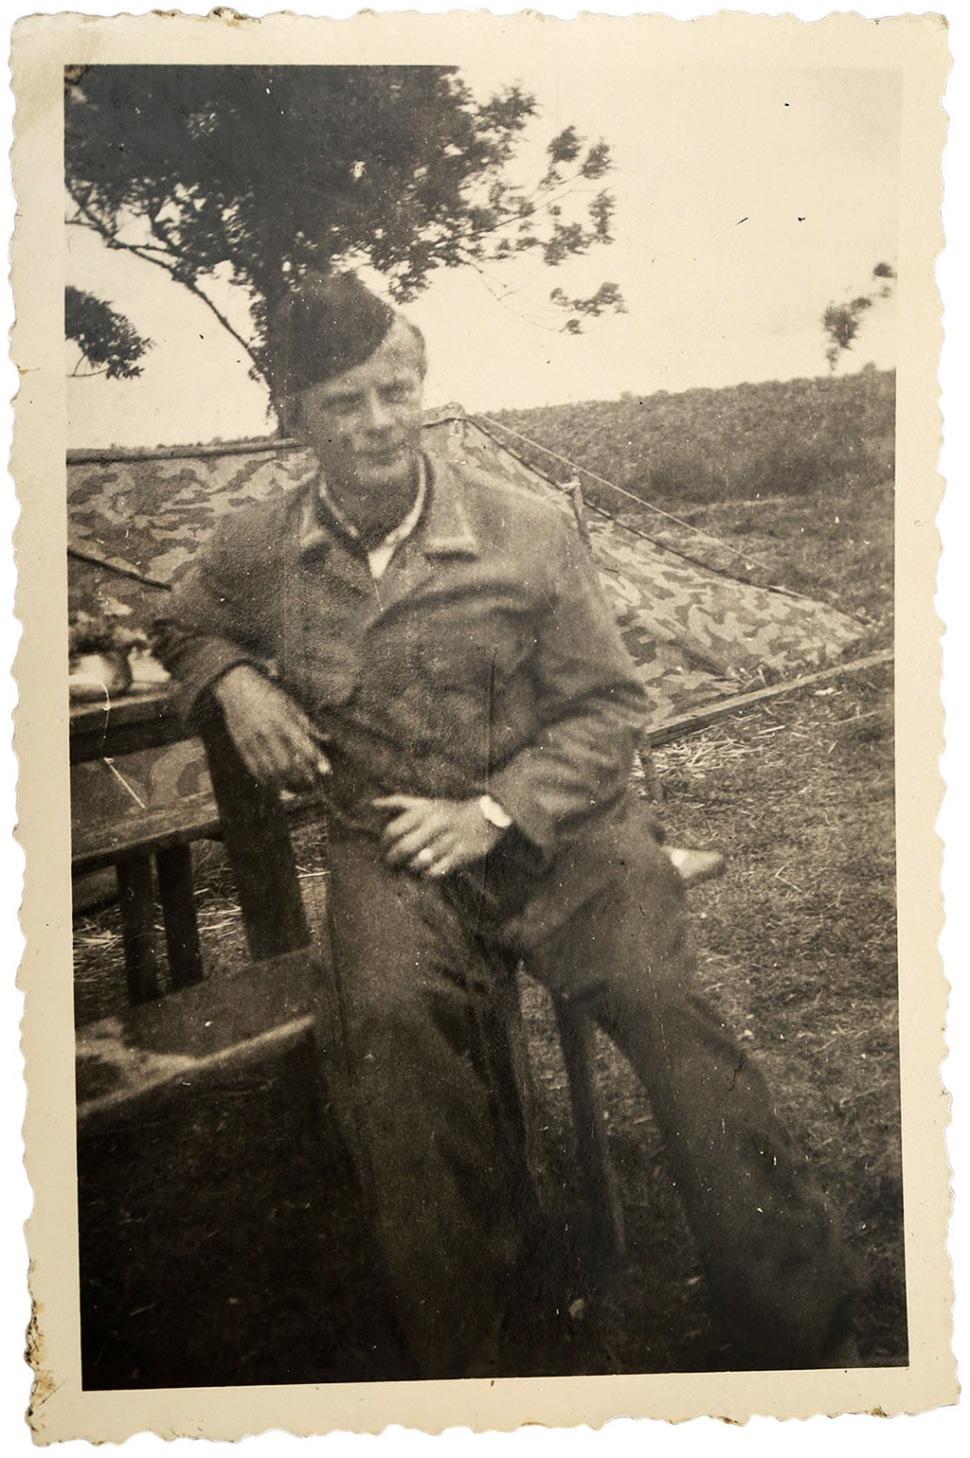 180728-panerai-3646-260746-horst-muntau-uniform